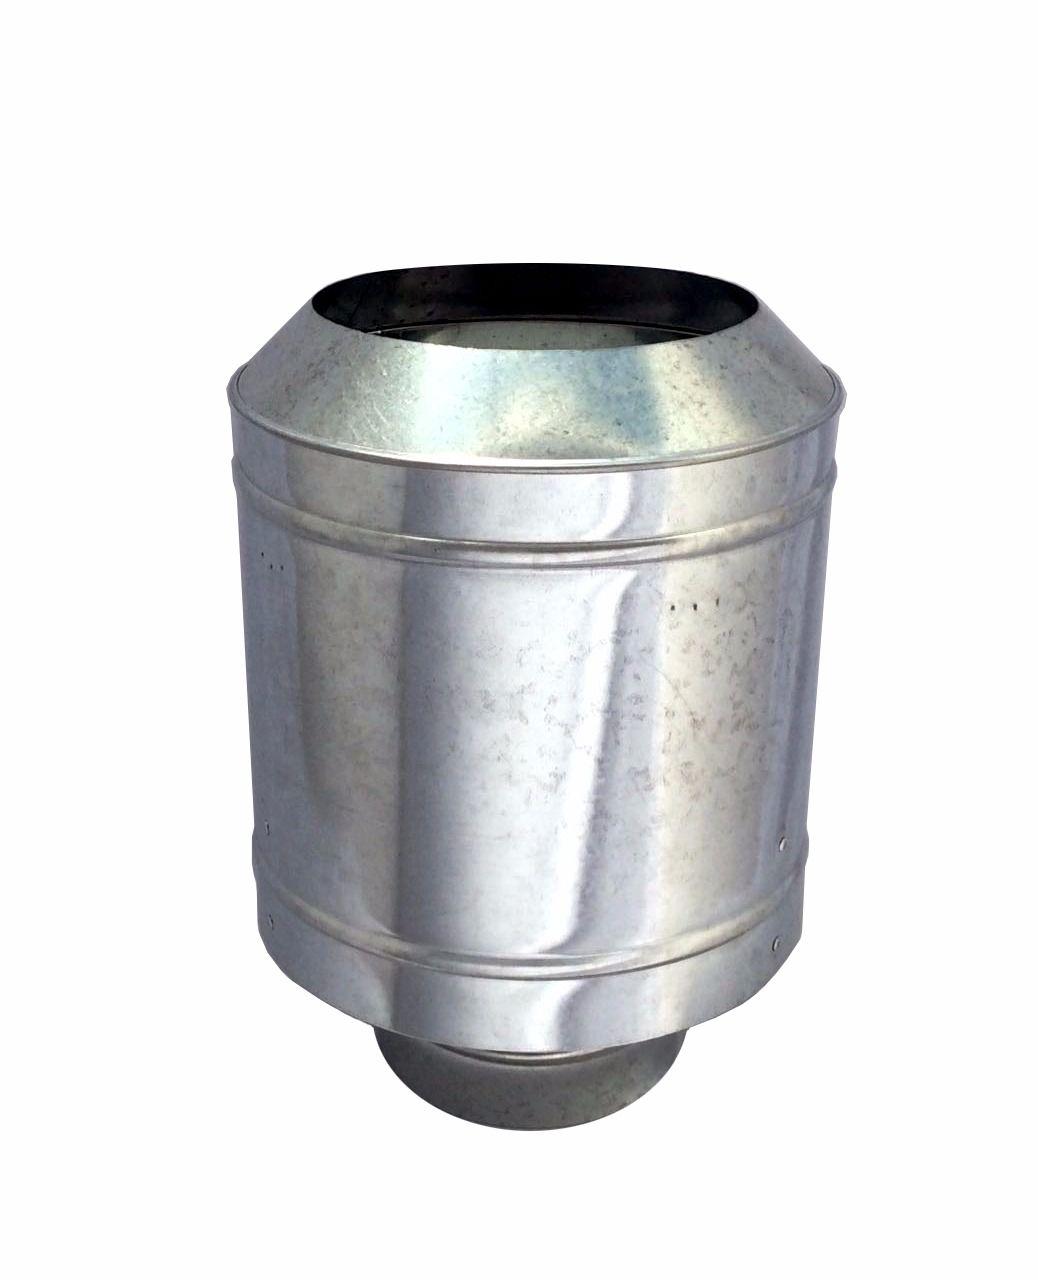 Chapéu galvanizado tipo canhão sputinik para chaminé de 180 mm de diâmetro.  - Galvocalhas